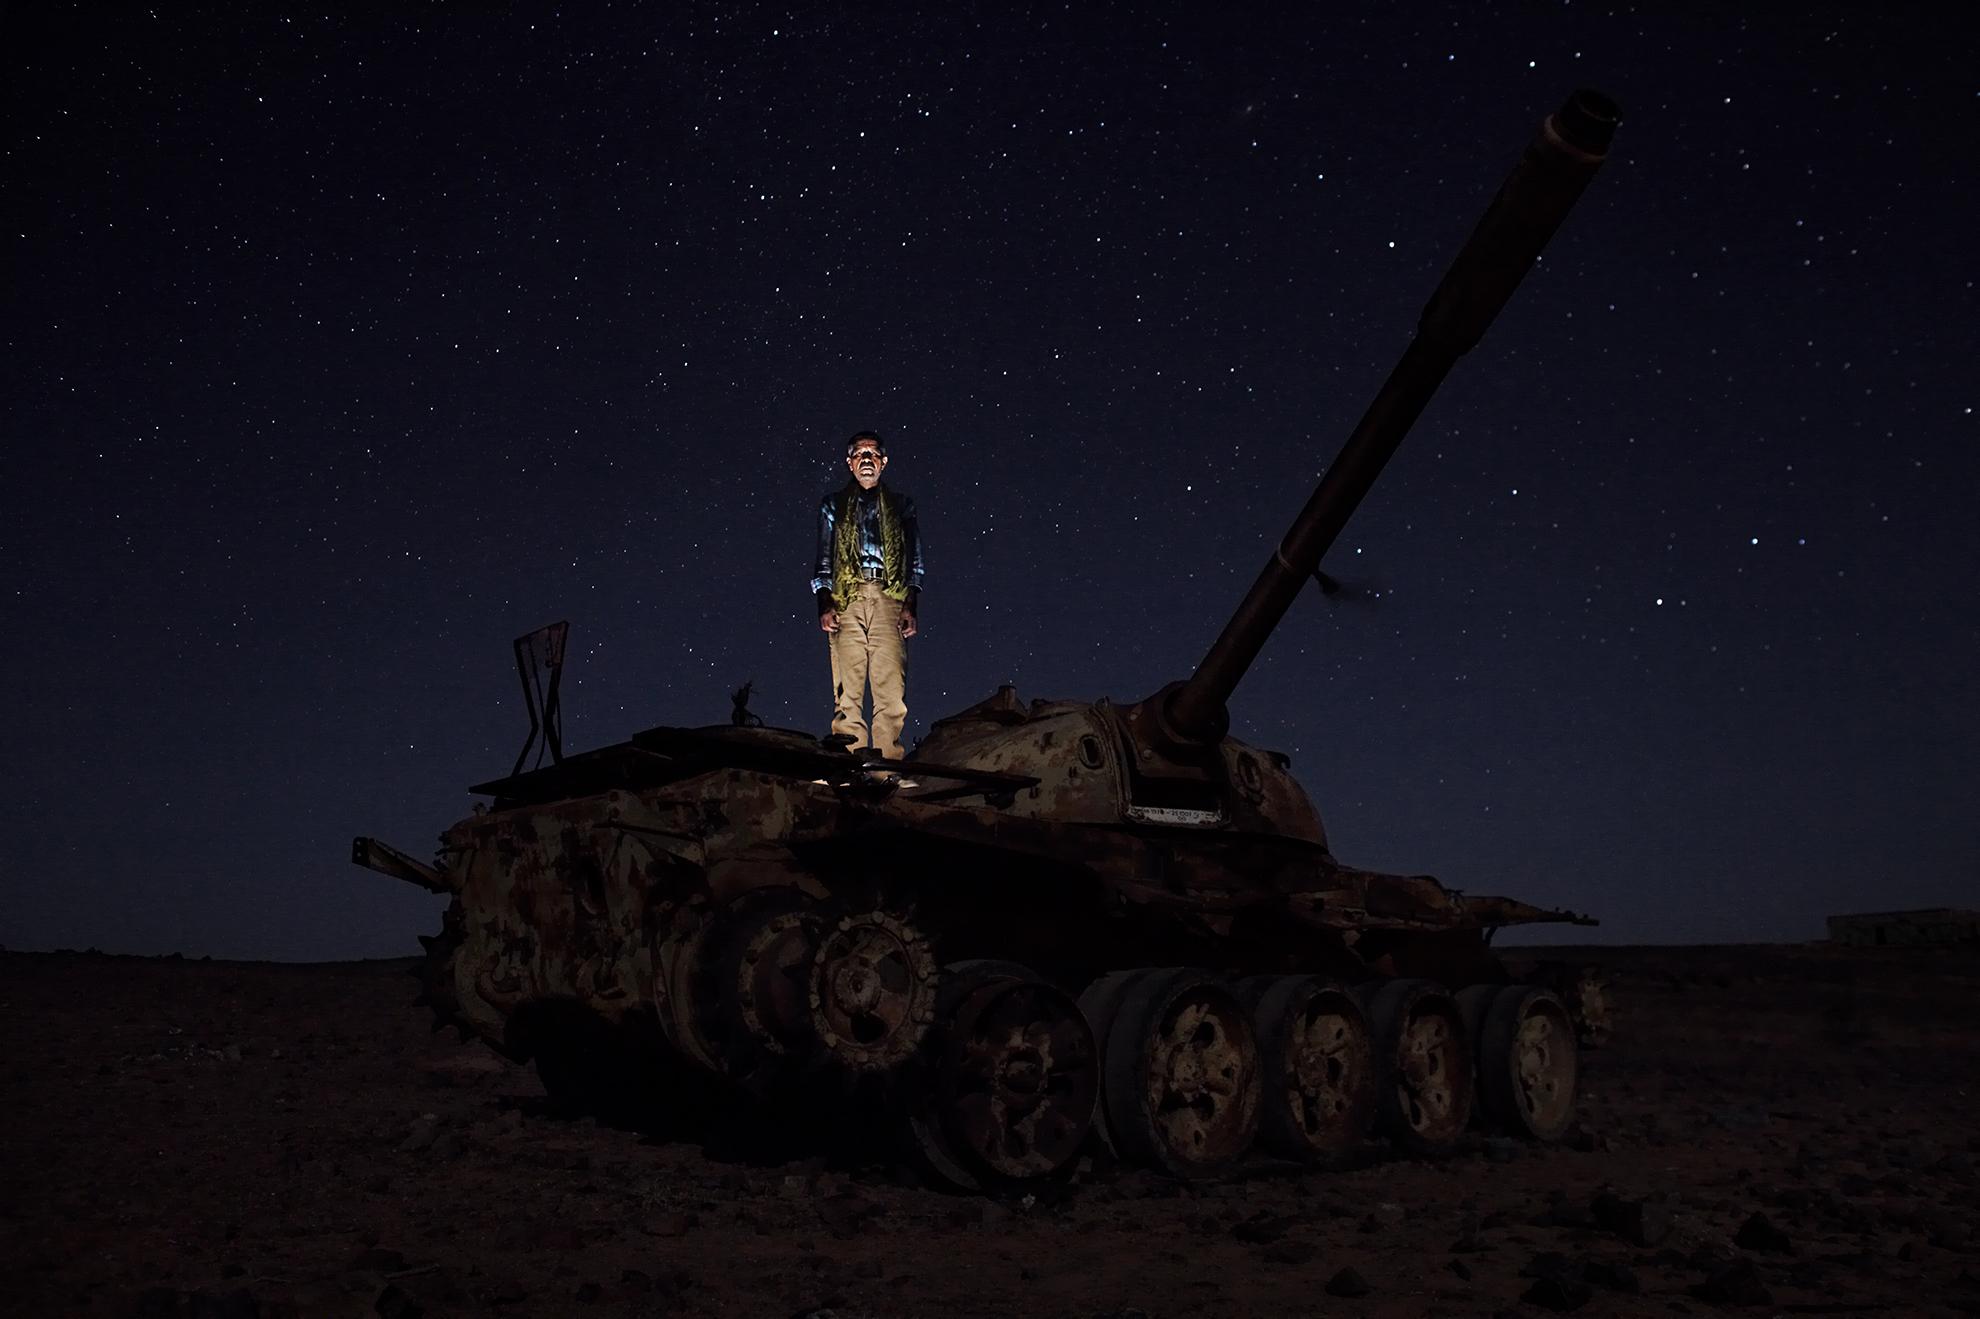 Hamdi Jaafar Mohammed, 46 años. Soldado del Frente Polisario, fotografiado en Tifariti, en el Sáhara Occidental controlado por el Polisario (República Árabe Saharaui Democrática).